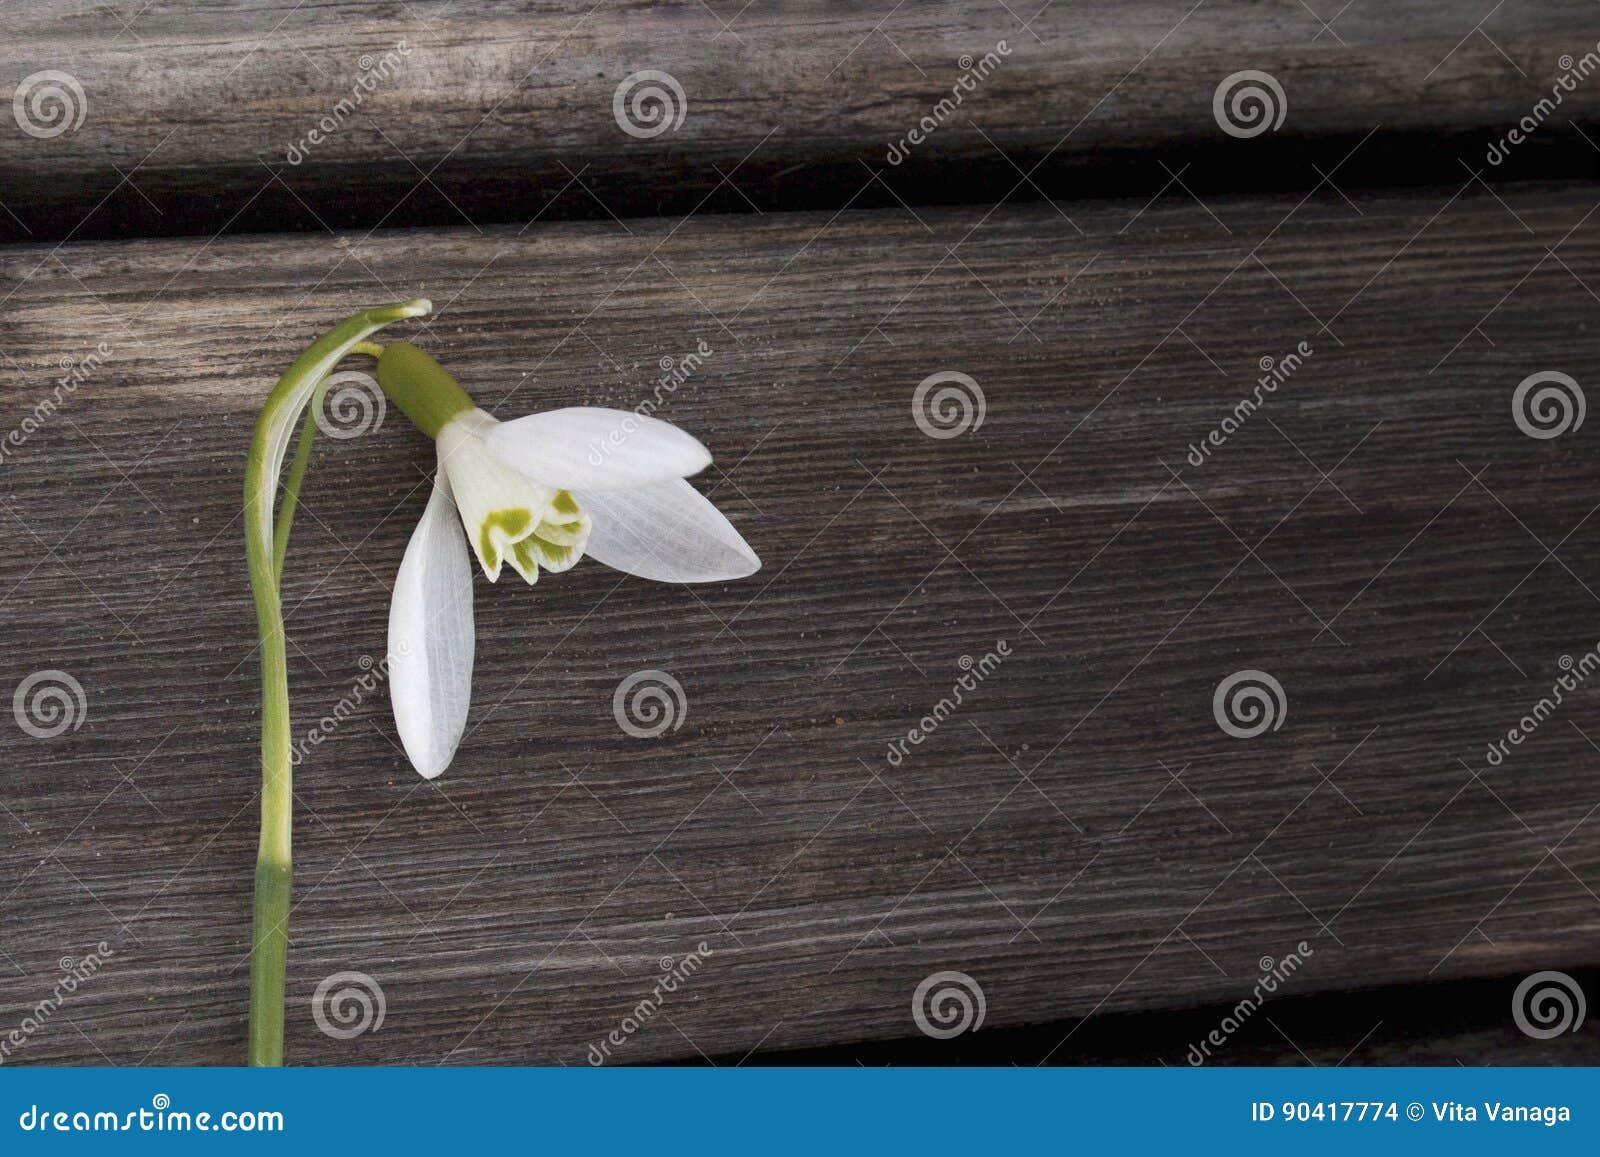 Άσπρη κινηματογράφηση σε πρώτο πλάνο snowbell στο ξύλινο γκρίζο υπόβαθρο, κενή διαστημική, σαφής διάθεση άνοιξη απλότητας